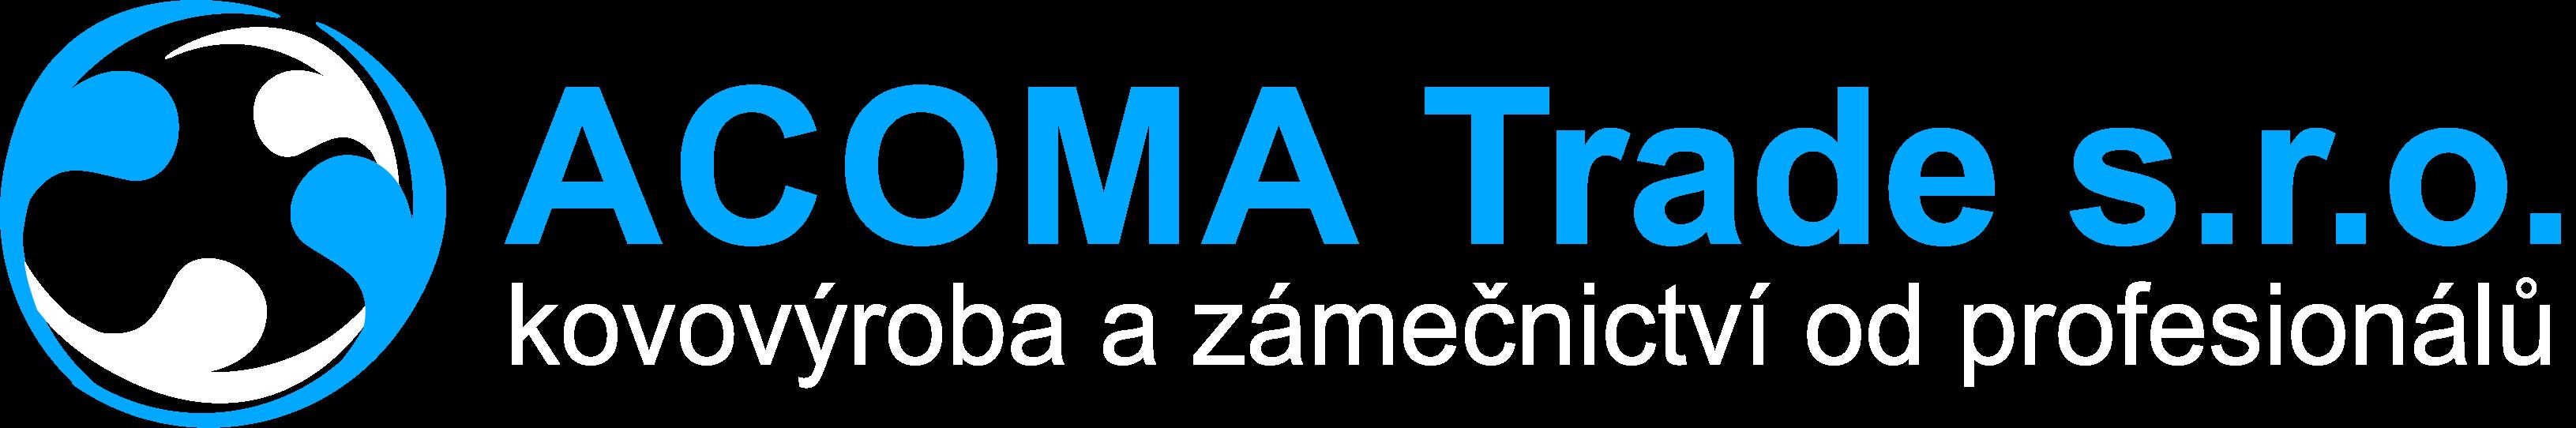 ACOMA Trade s.r.o. logo